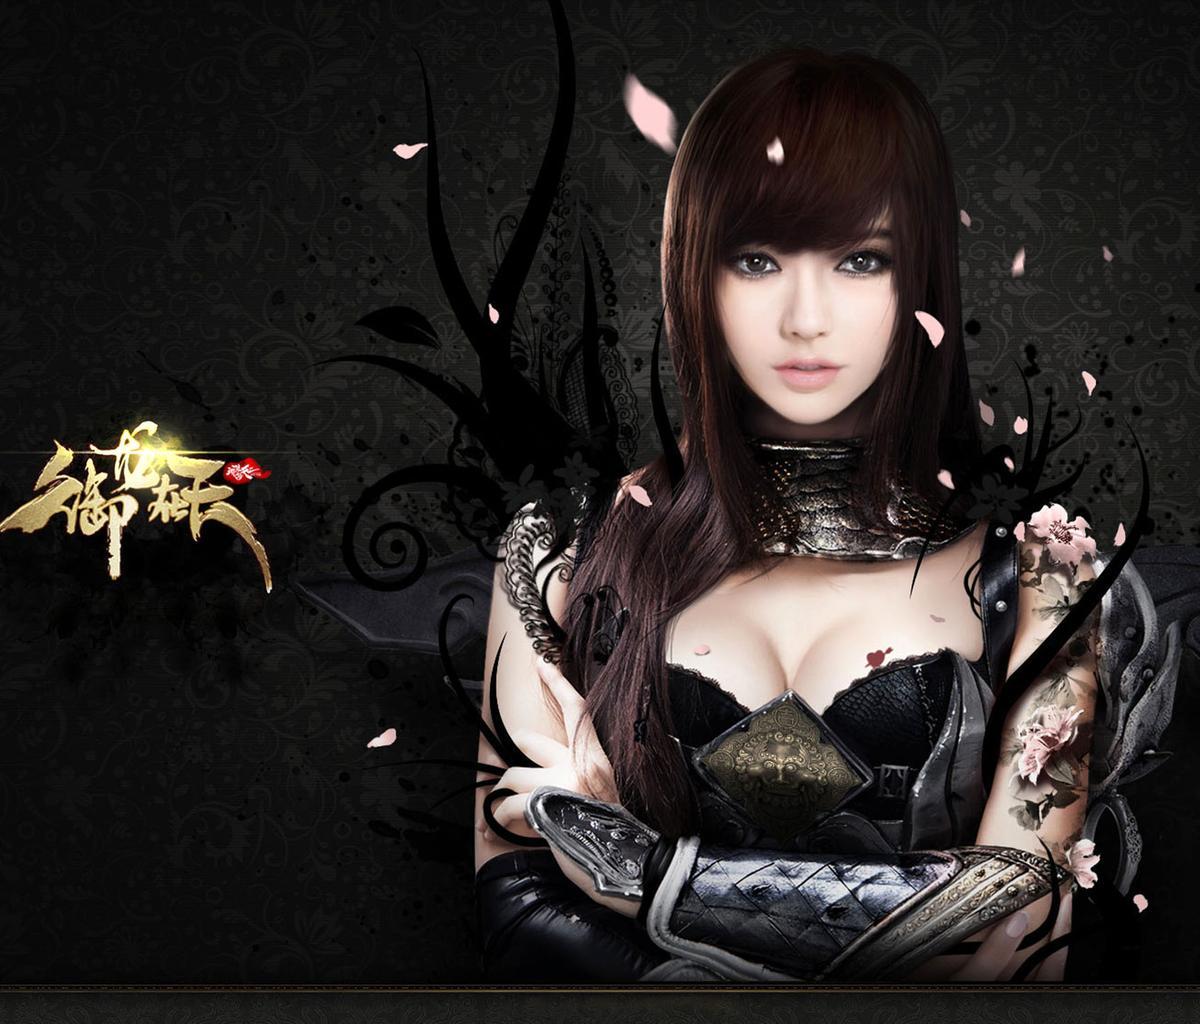 是一位平面模特和车模. 苏梦因在腾讯游戏御龙在天中扮演cos 而成名.